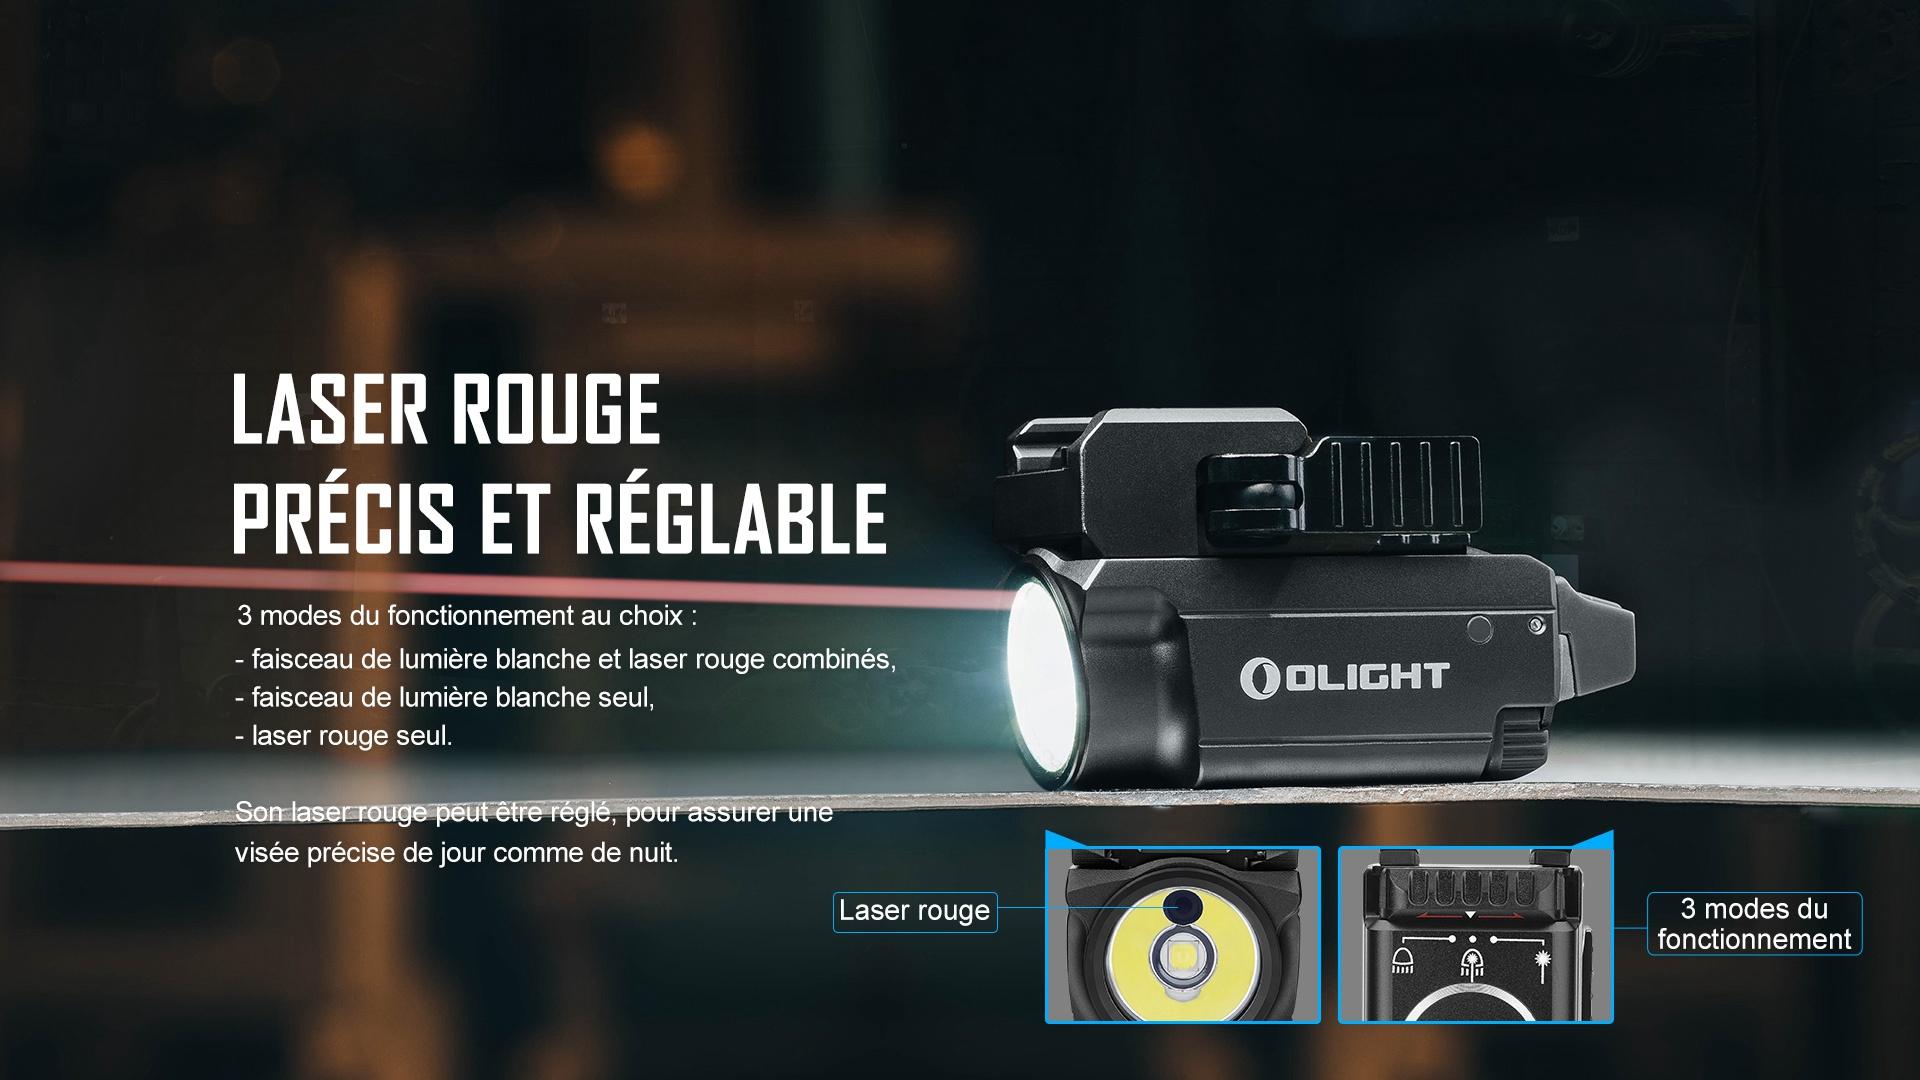 lampe tactique laser rouge précis et réglable